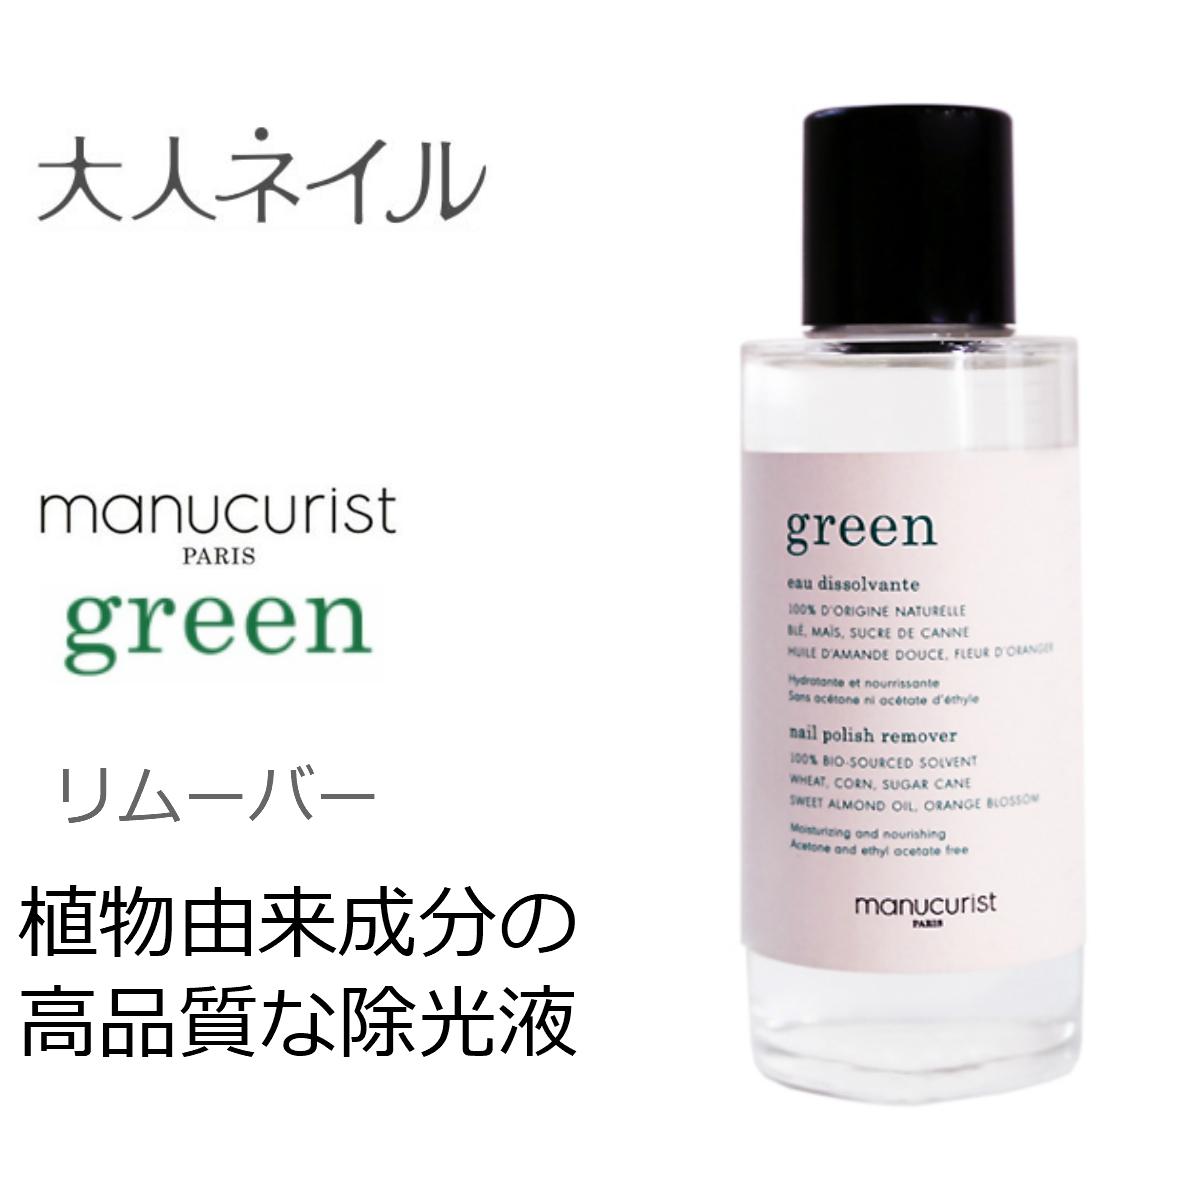 green グリーン ナチュラルネイルリムーバー 100ml 爪にやさしい 除光液 カラー除去 100%植物由来 検定